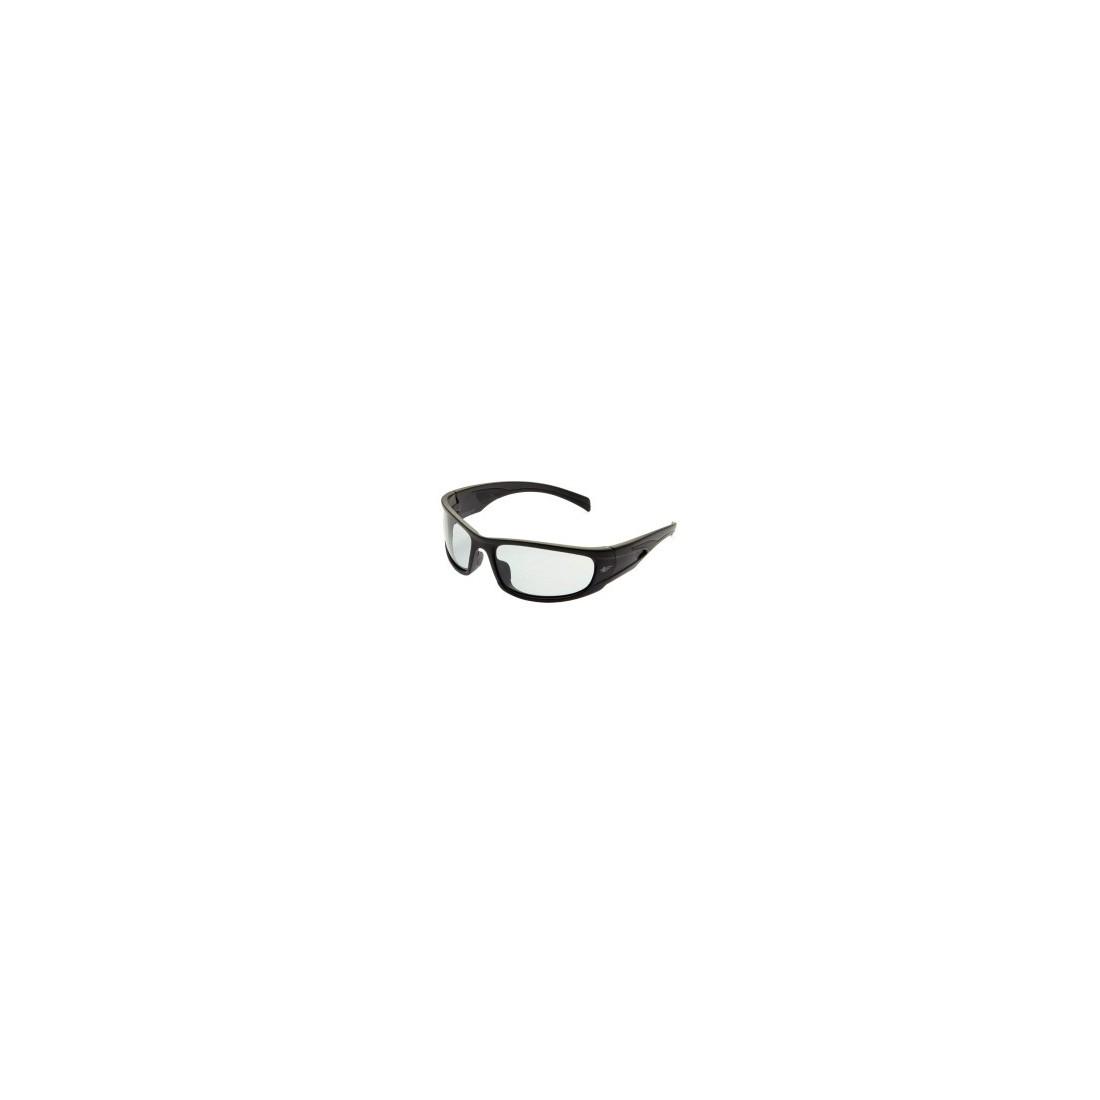 Gafas de Seguridad FOTOCROM de incoloro a solar